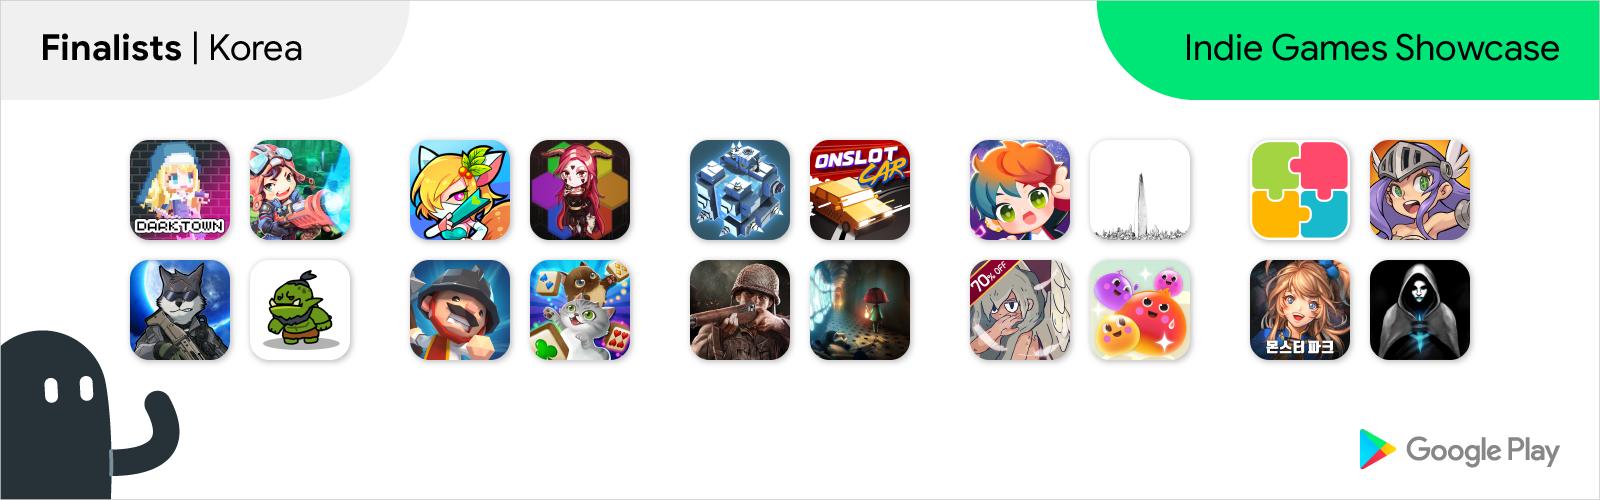 Südkorea Finalisten Logos für Indie Games Showcase